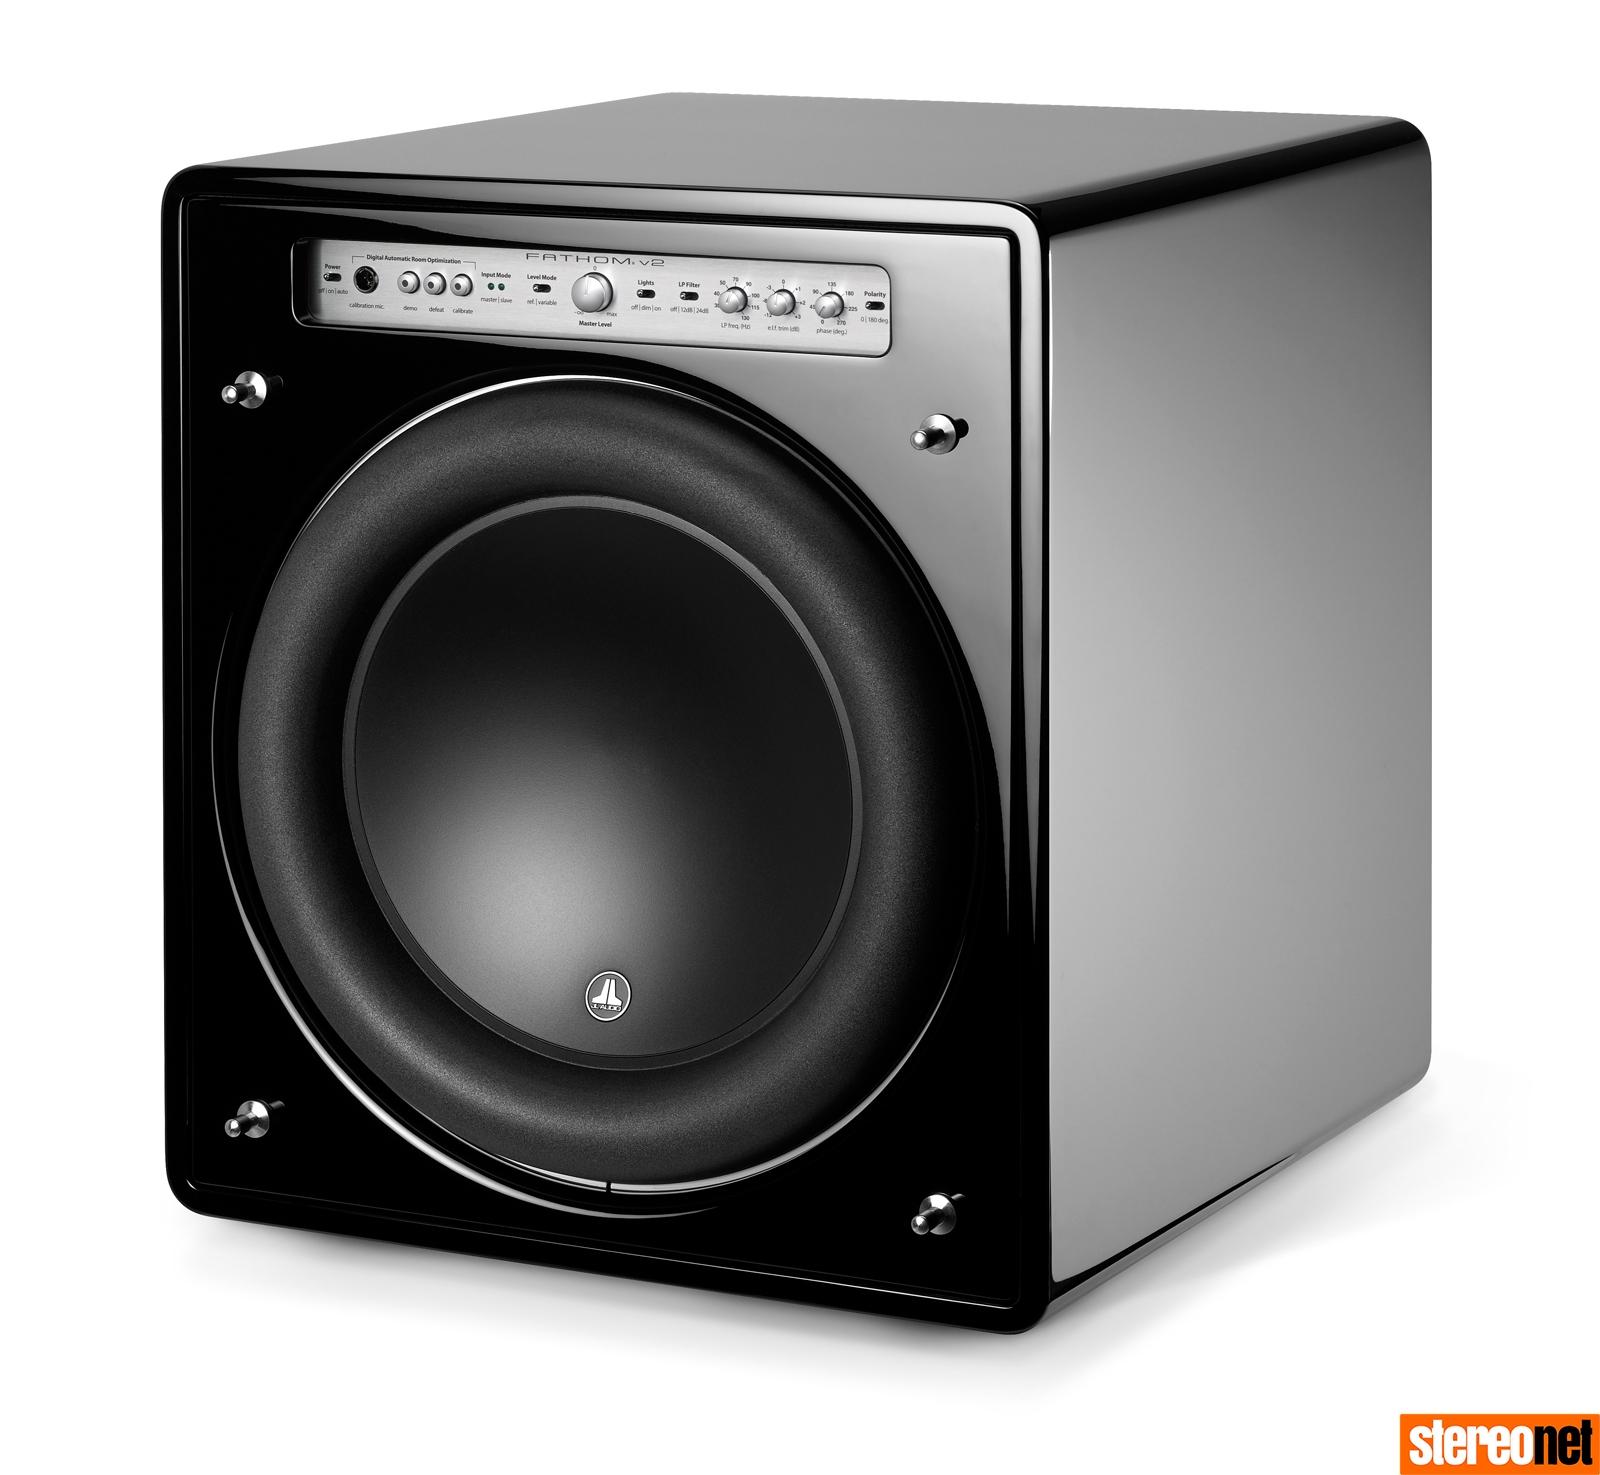 JL Audio Fathom 113 V2 Review